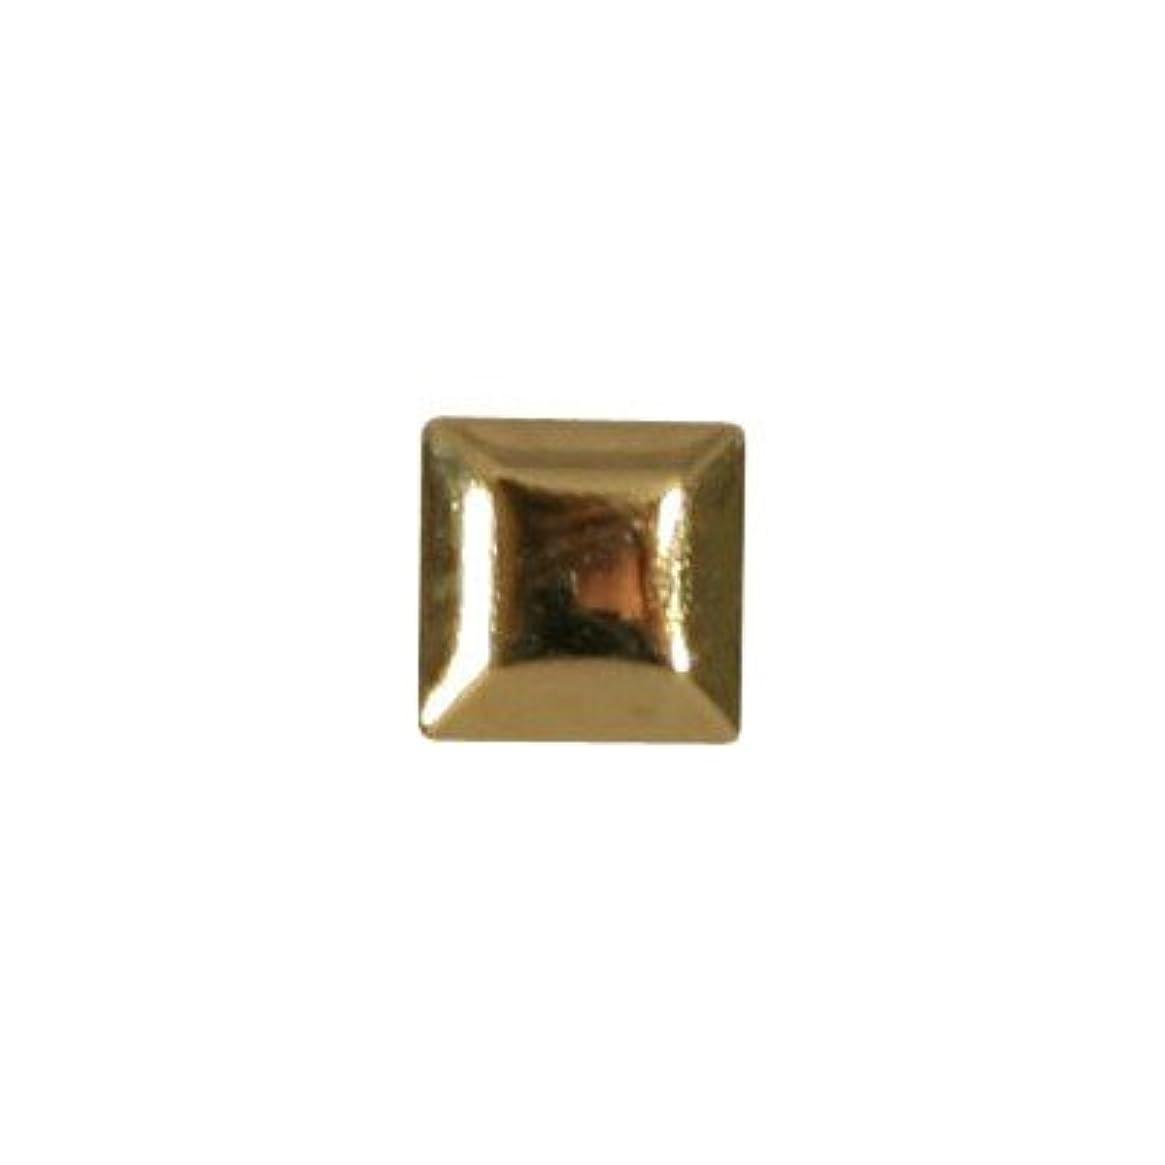 見習いネブ灌漑ピアドラ スタッズ メタルスクエア 3mm 50P ゴールド